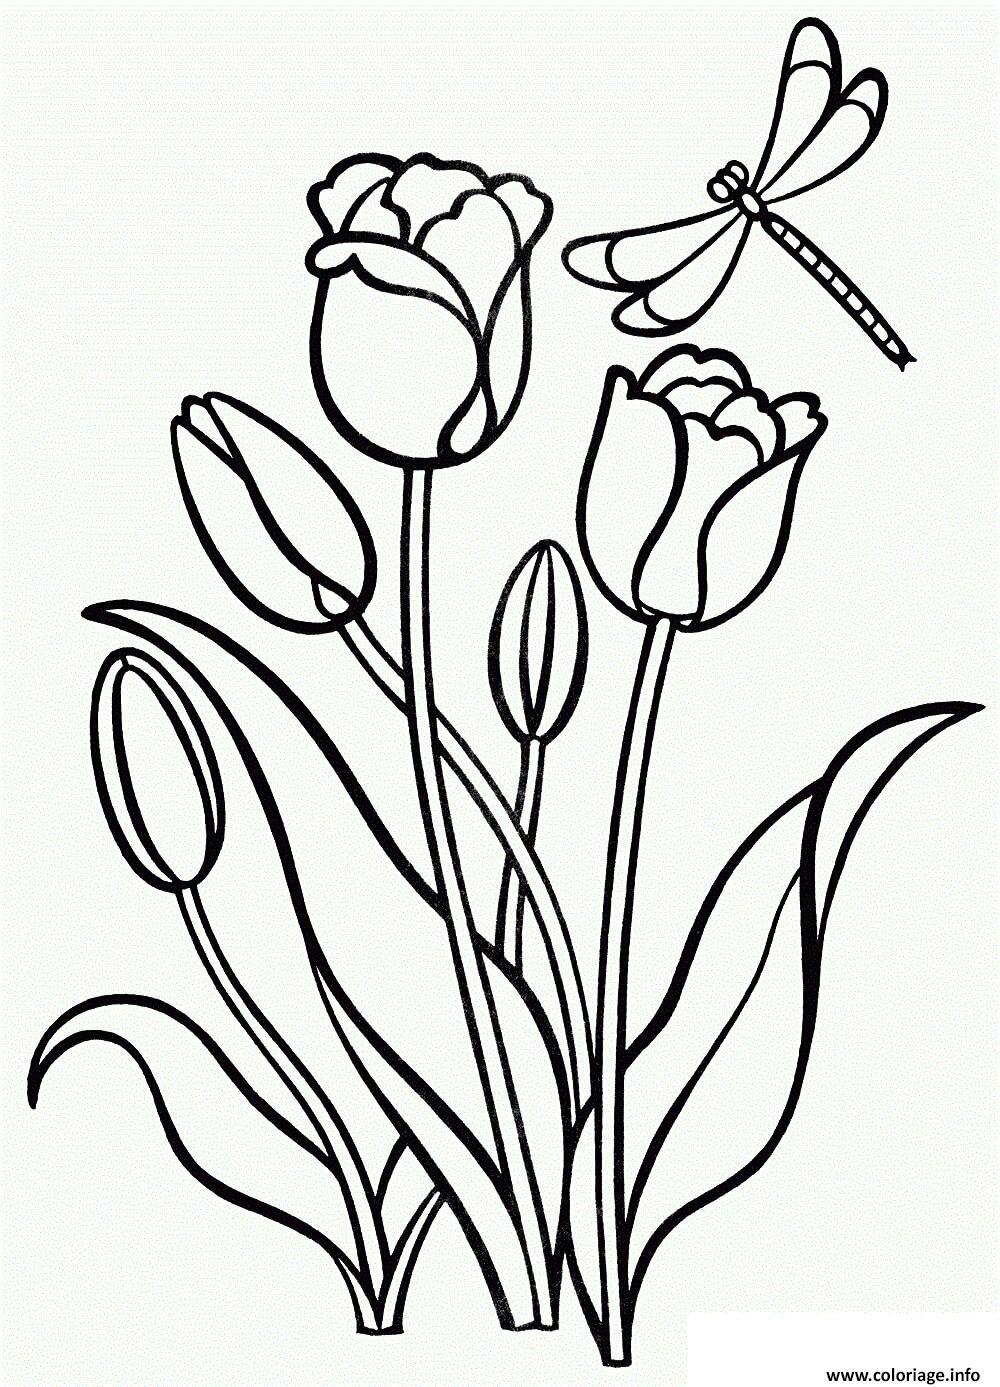 Dessin tulipe fleur clusiana Coloriage Gratuit à Imprimer